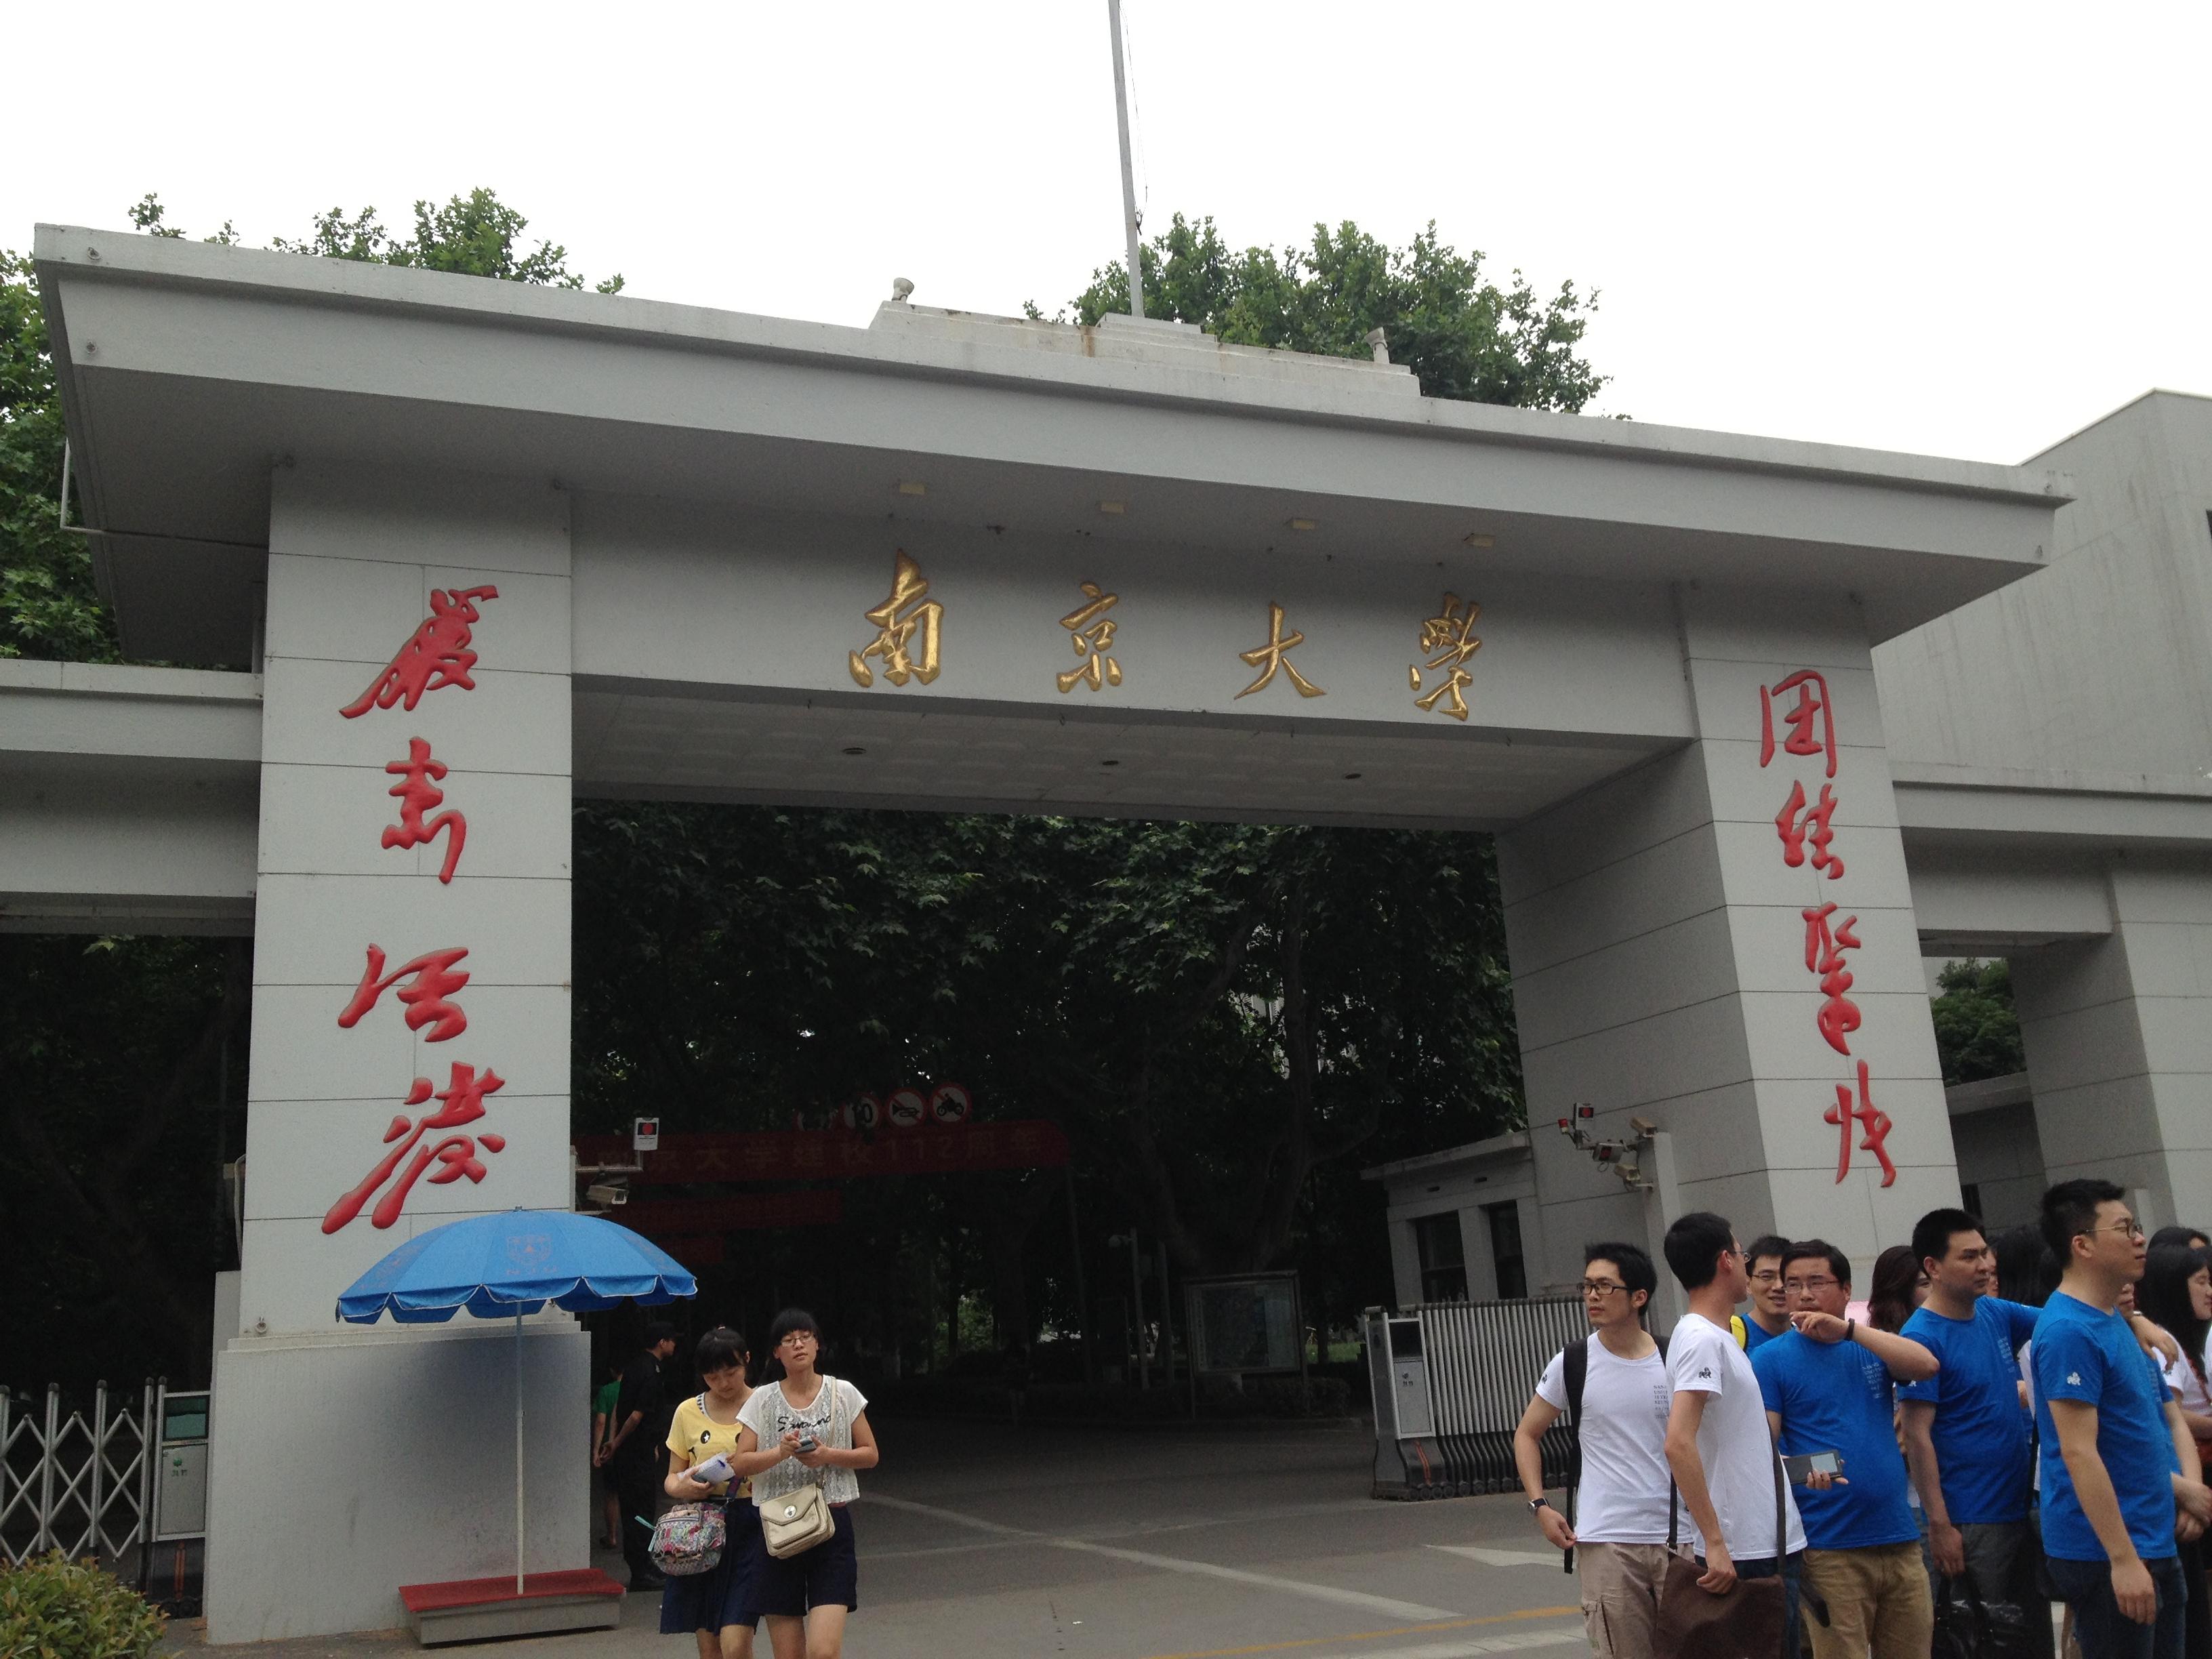 在5月26日晚上马上订了高铁票和酒店南京古南都5d